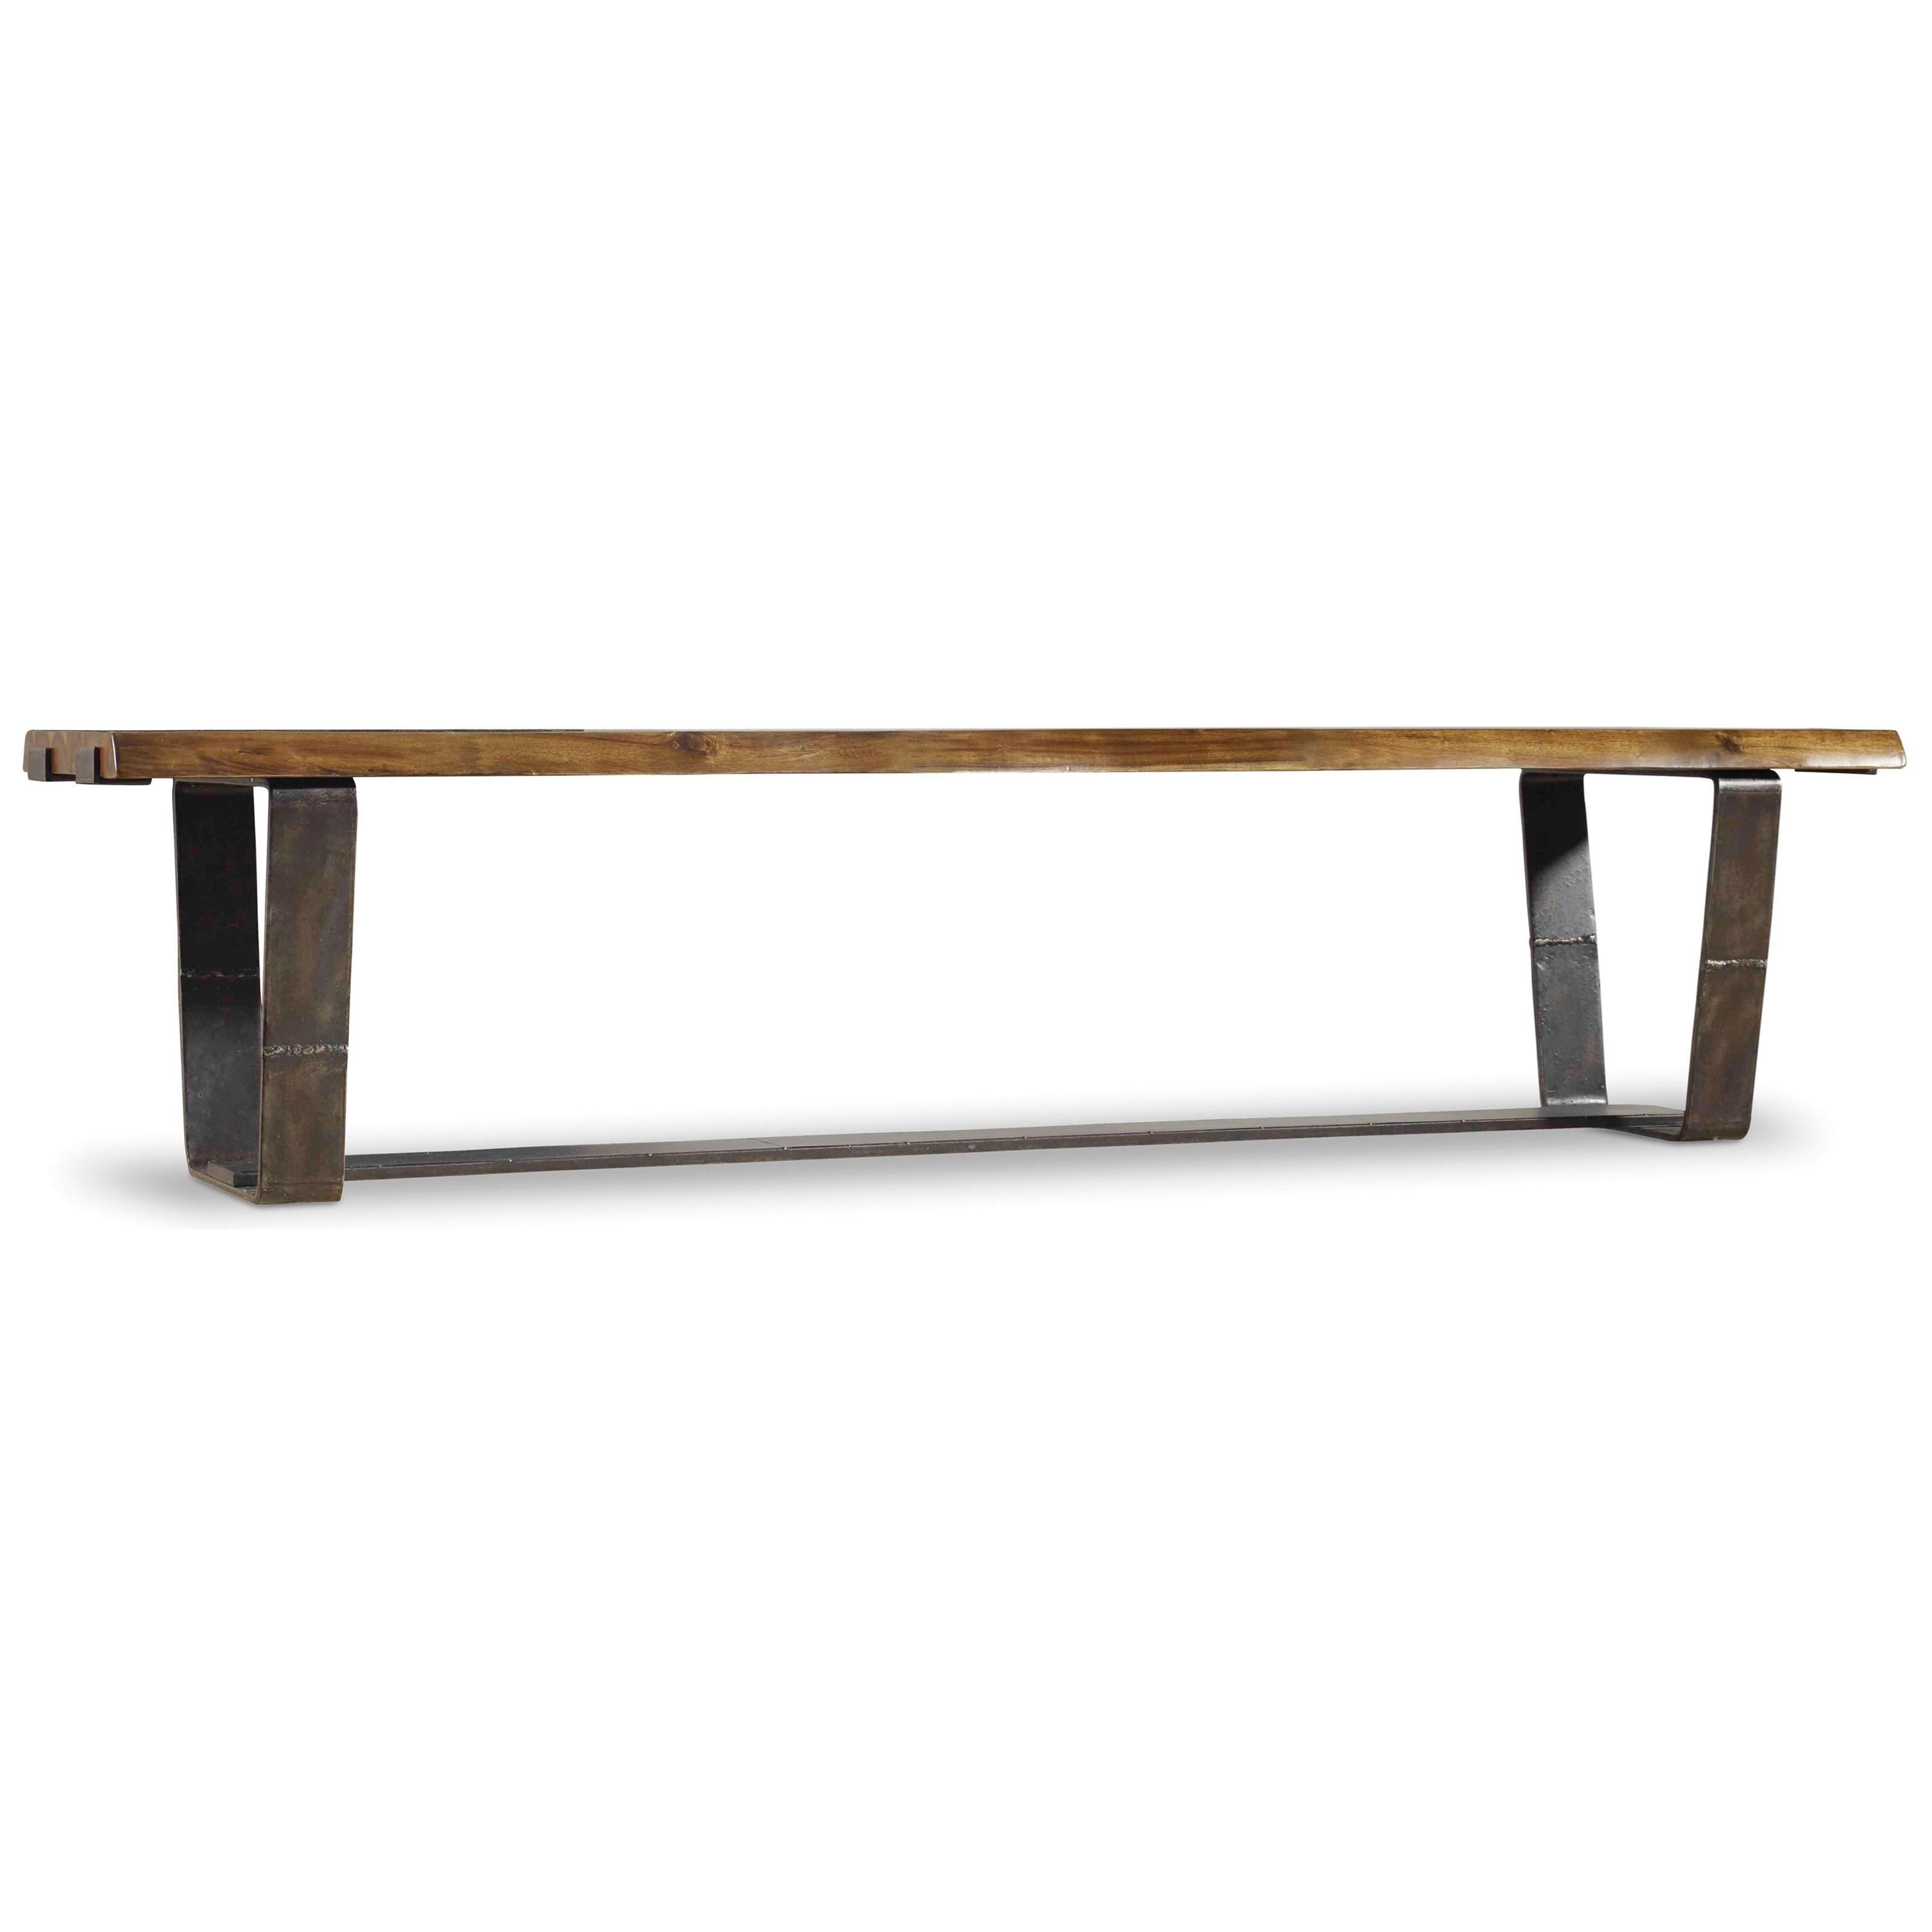 Hooker Furniture Live Edge Bench - Item Number: 5590-75315-DKW